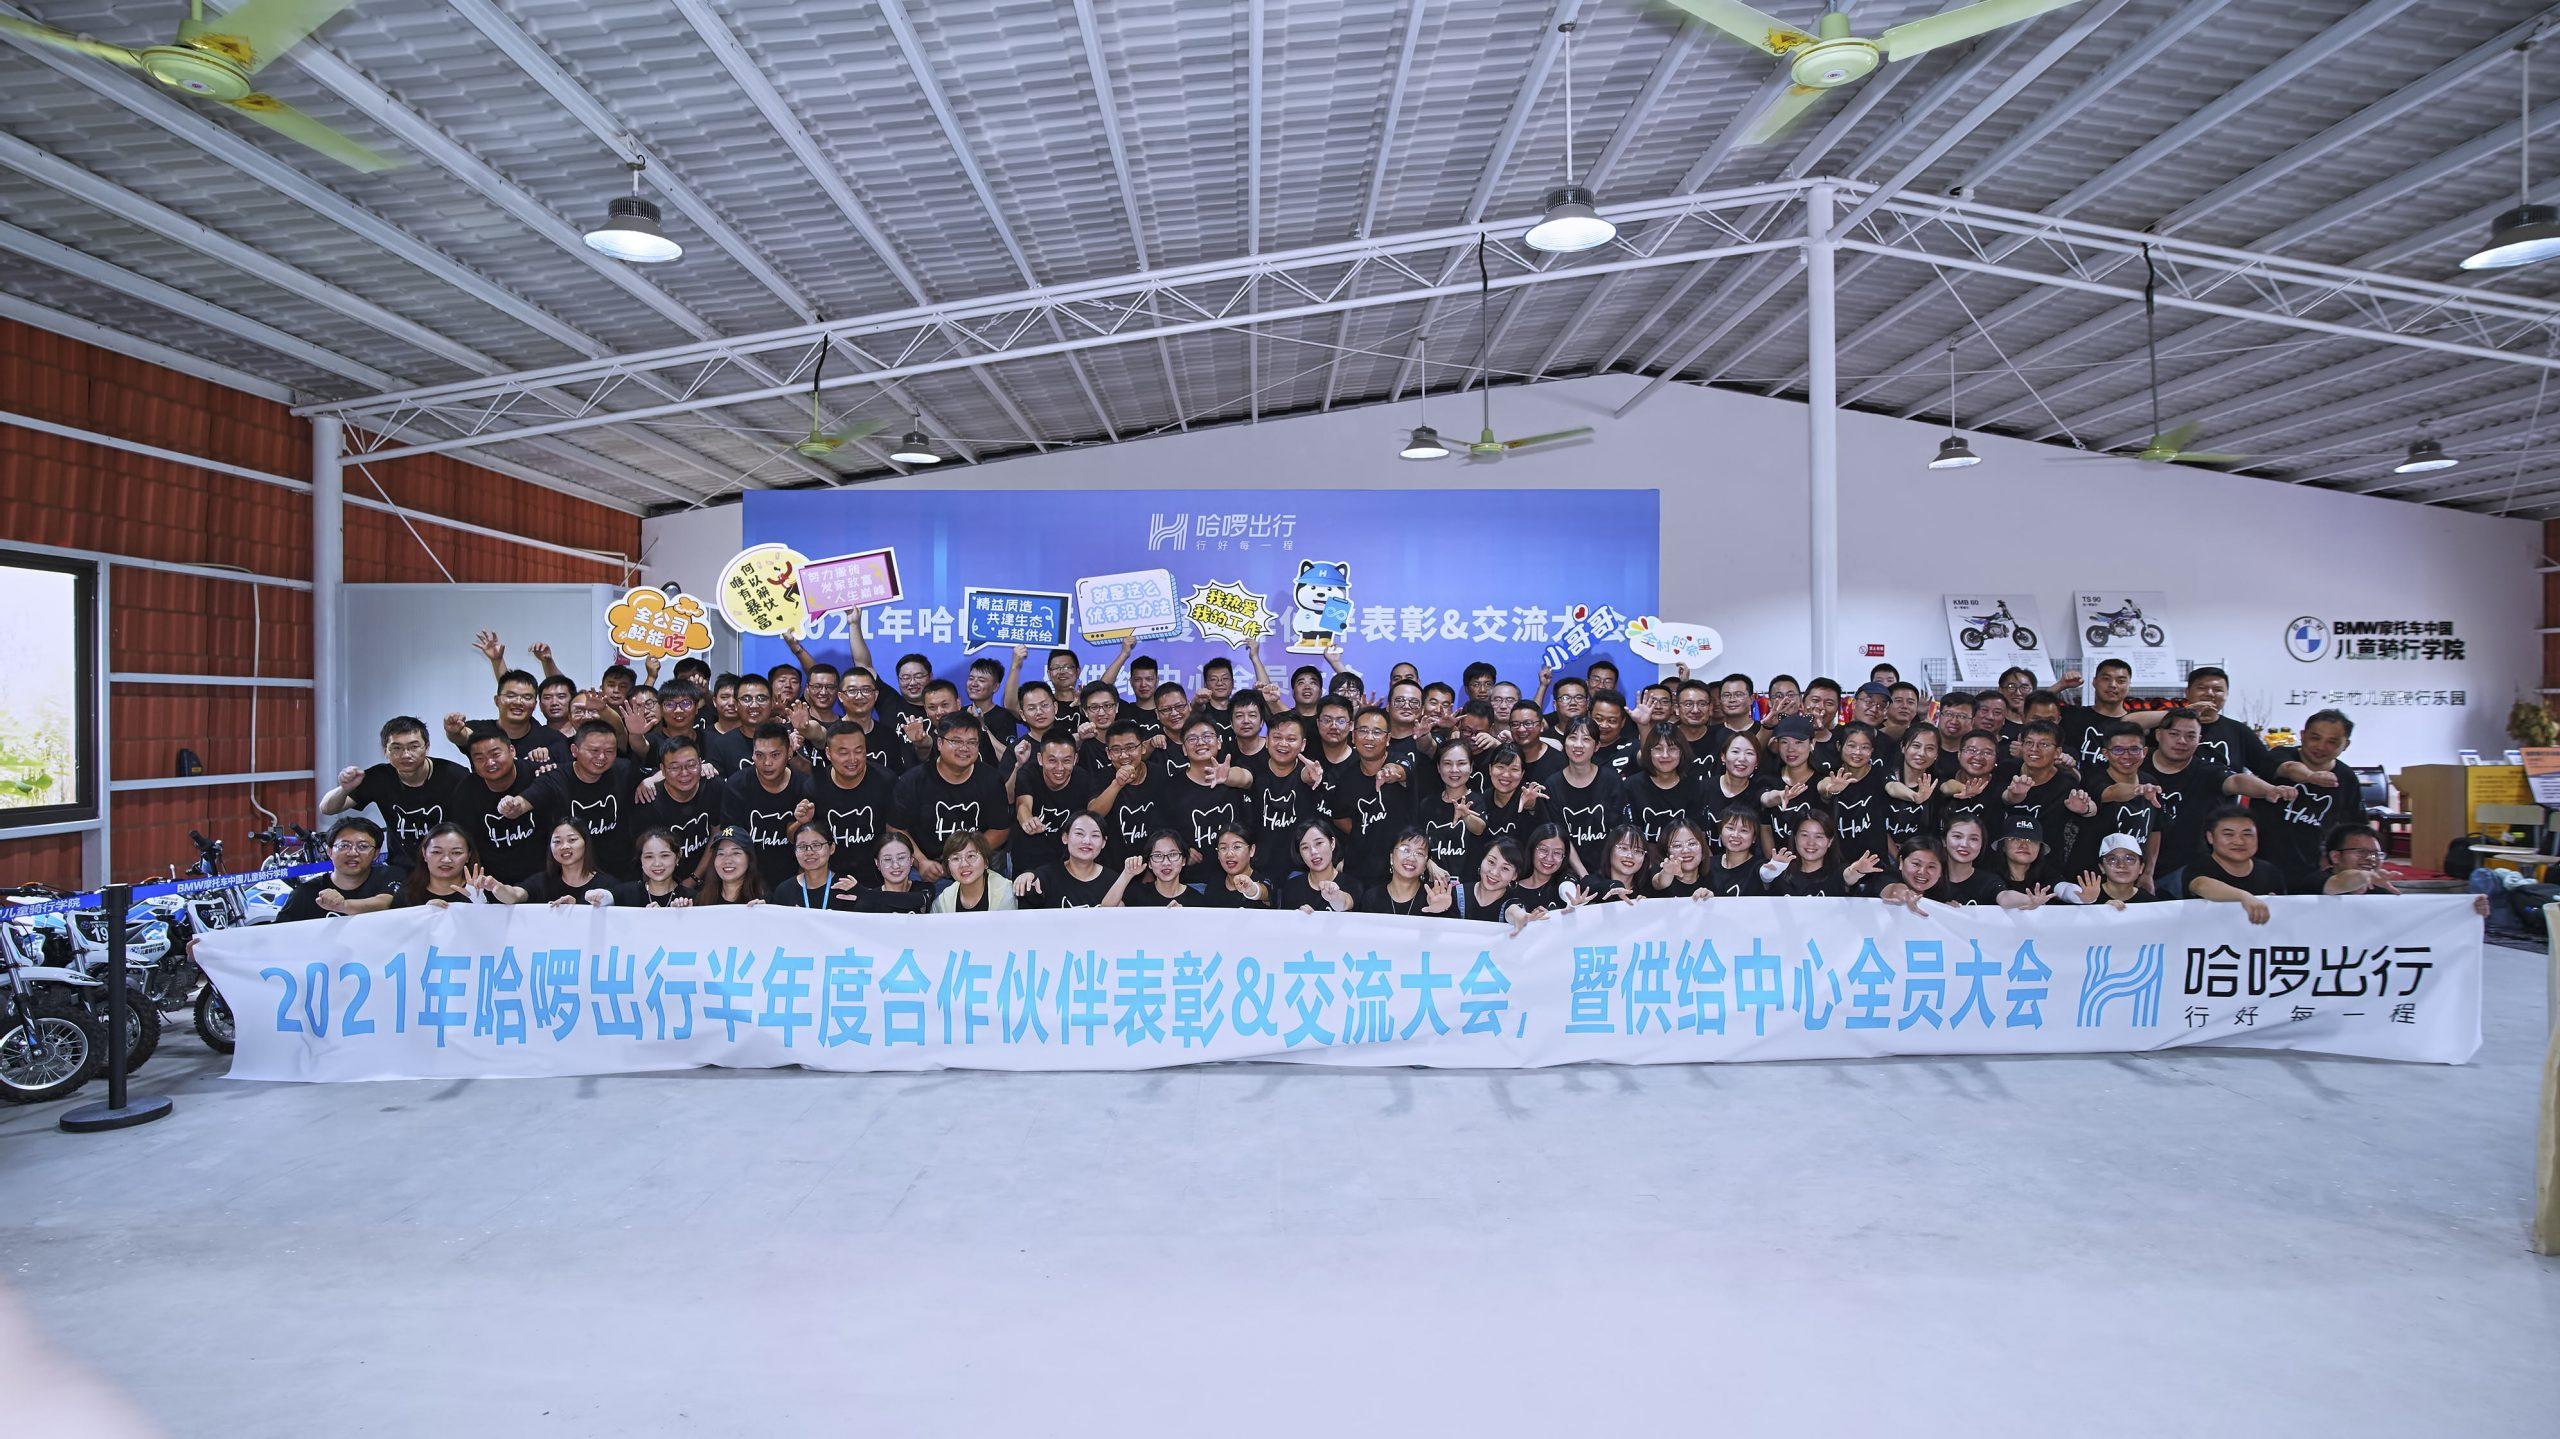 2021年哈罗出行半年度合作伙伴&交流大会暨供给中心全员大会团建活动